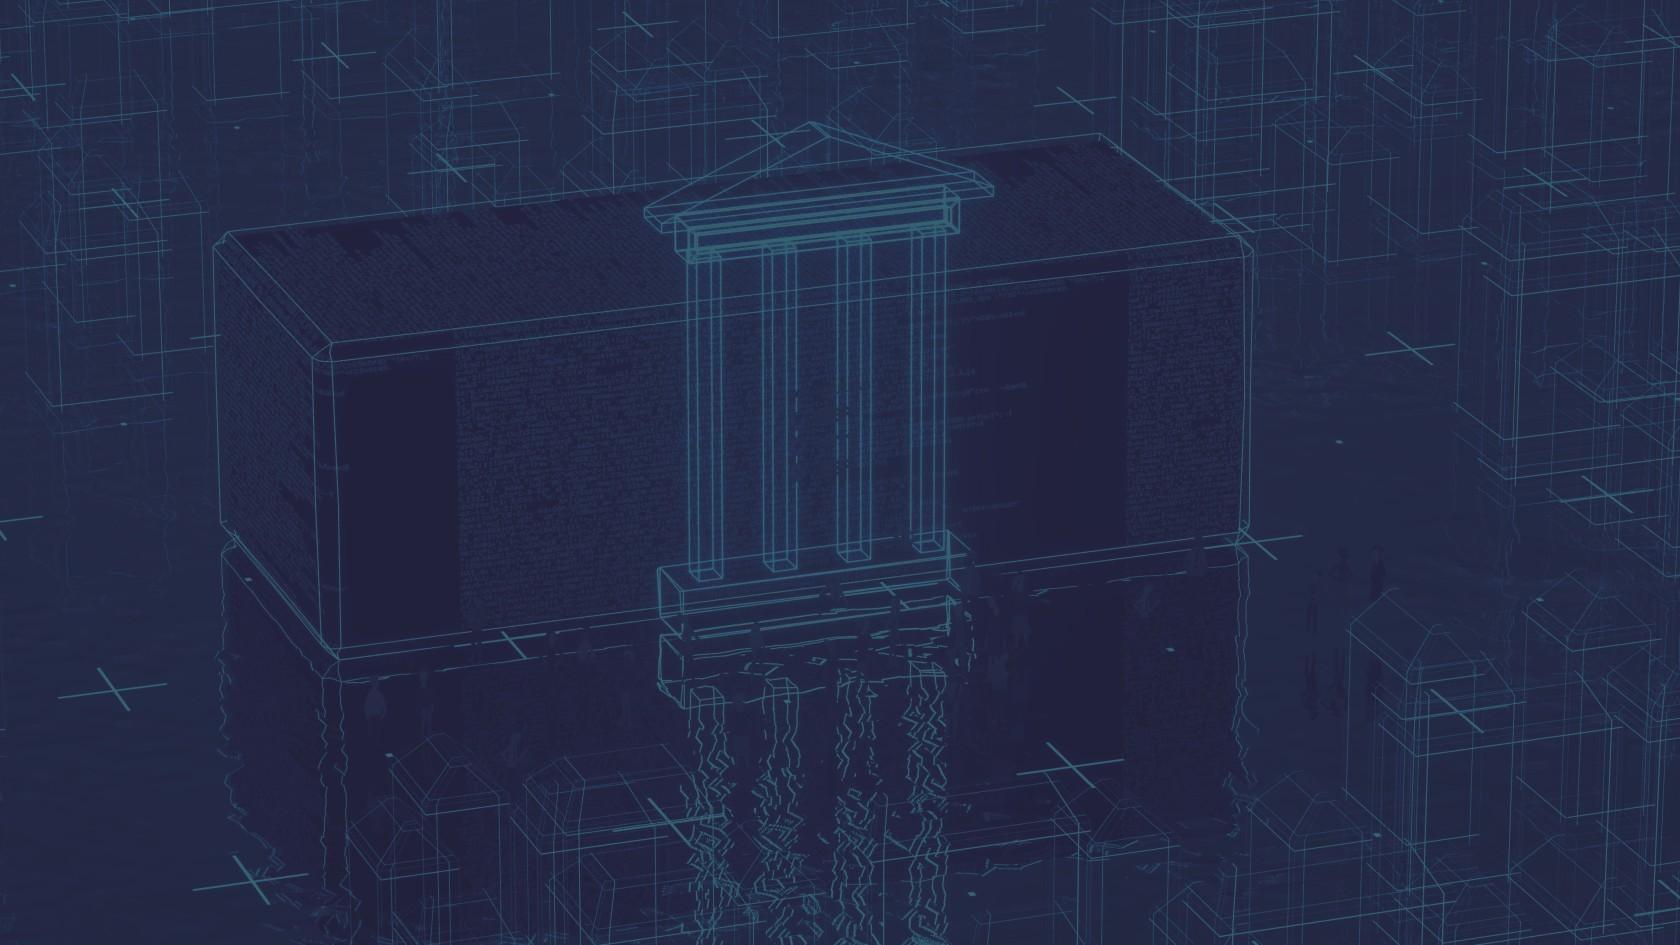 Kamuya ait yazılımlar neden kamuya açılmıyor?